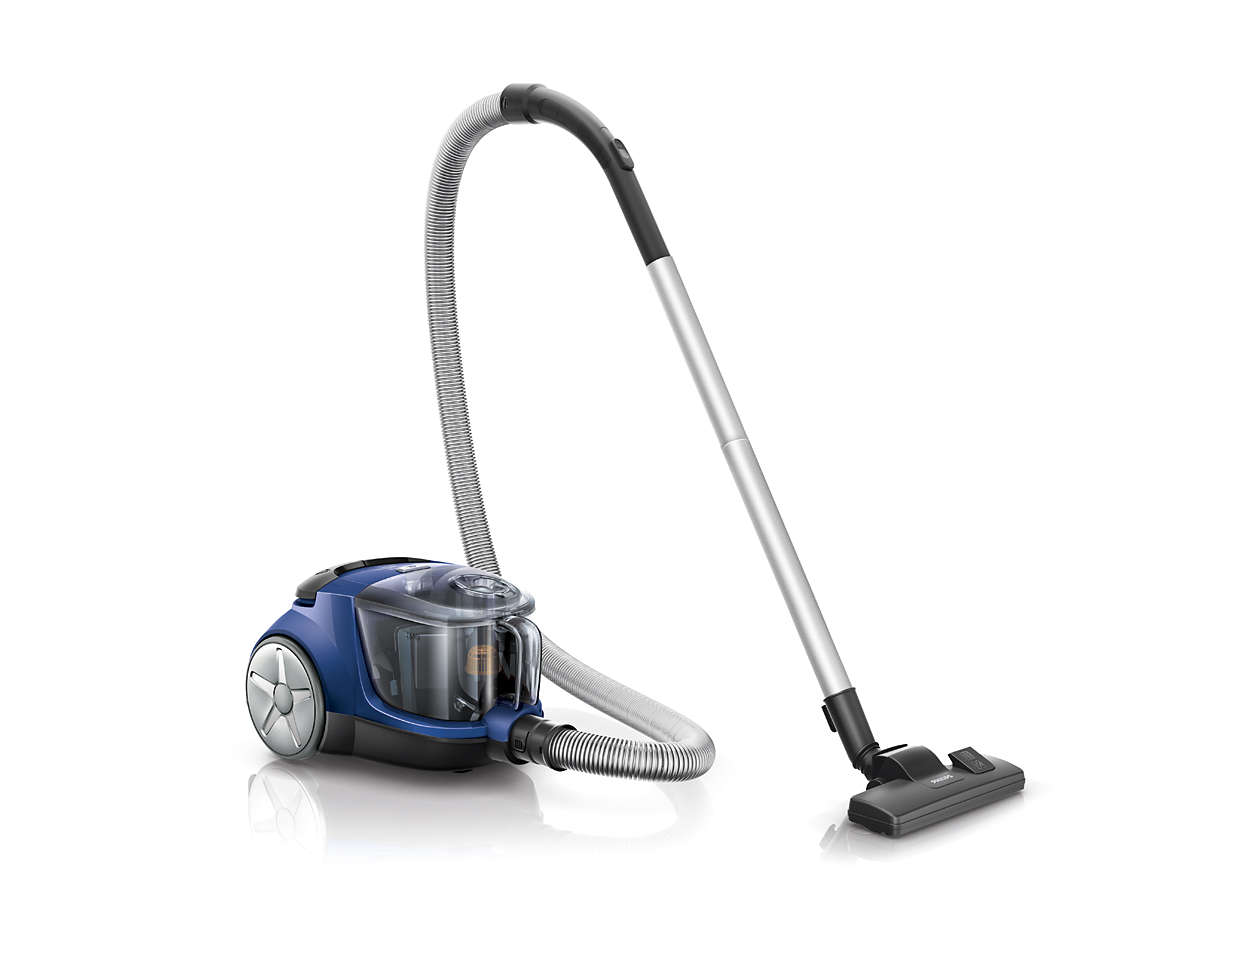 Putere de aspirare mai ridicată* pentru o curăţare mai bună